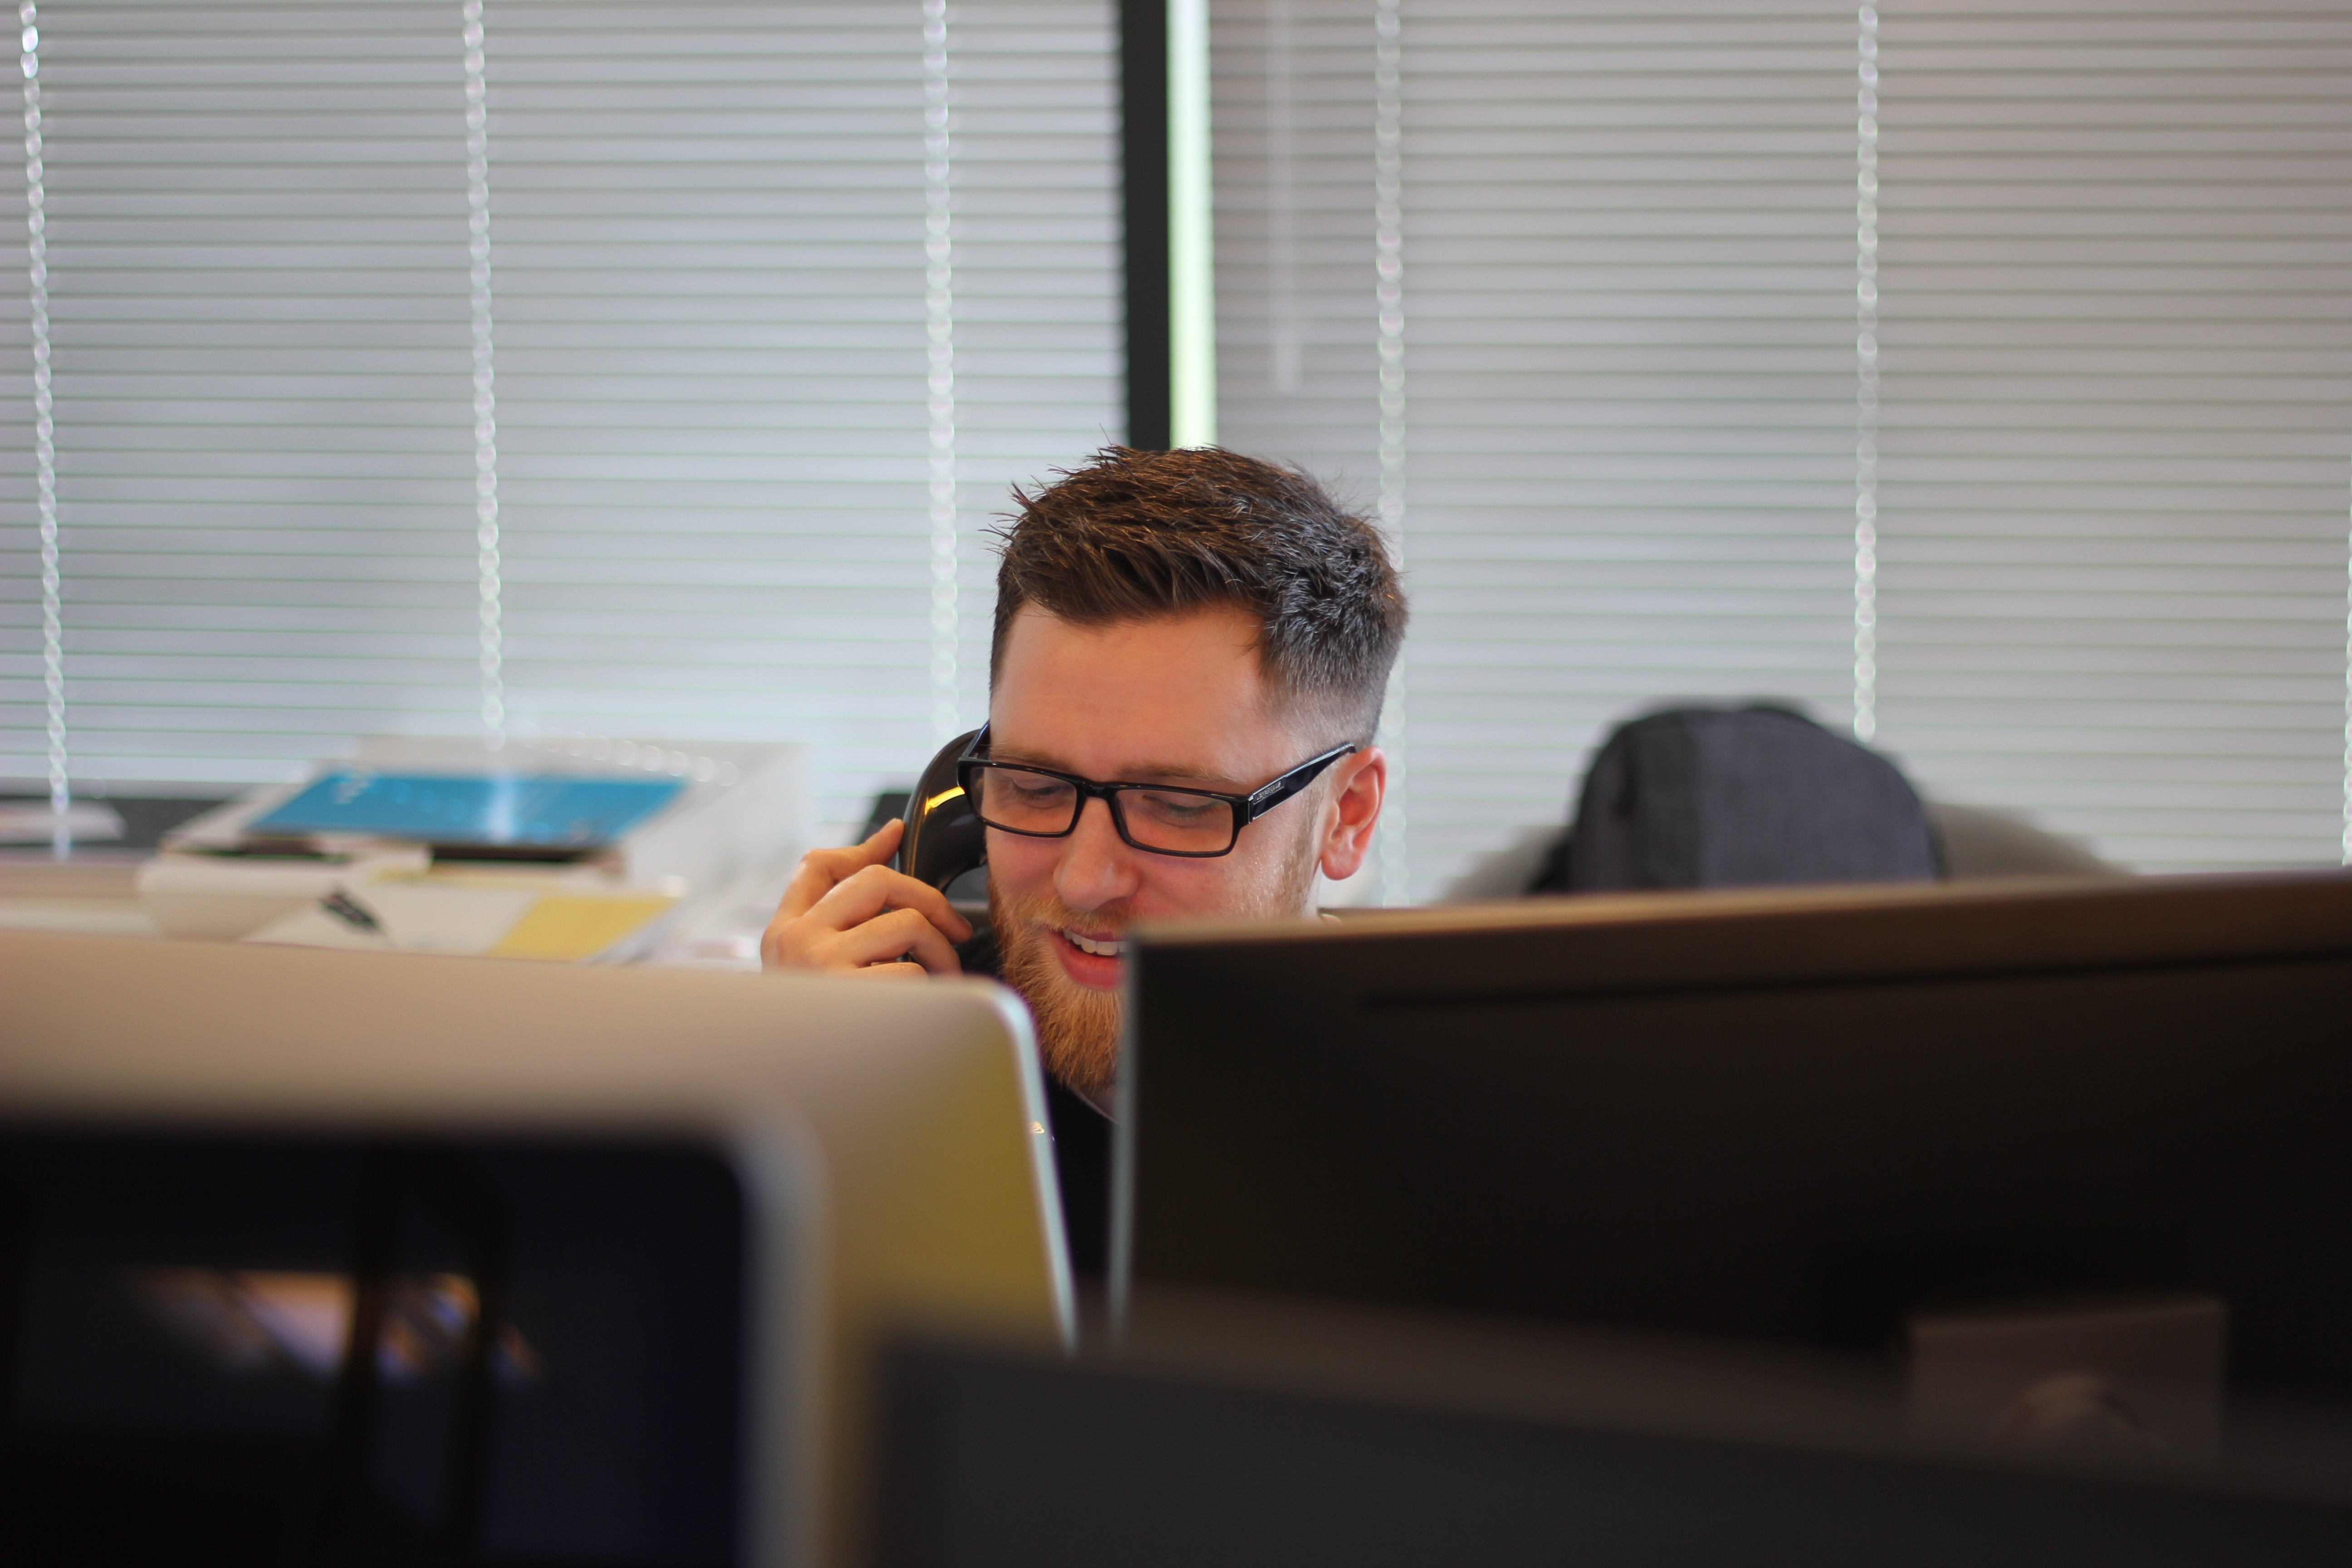 bureau personne au téléphone